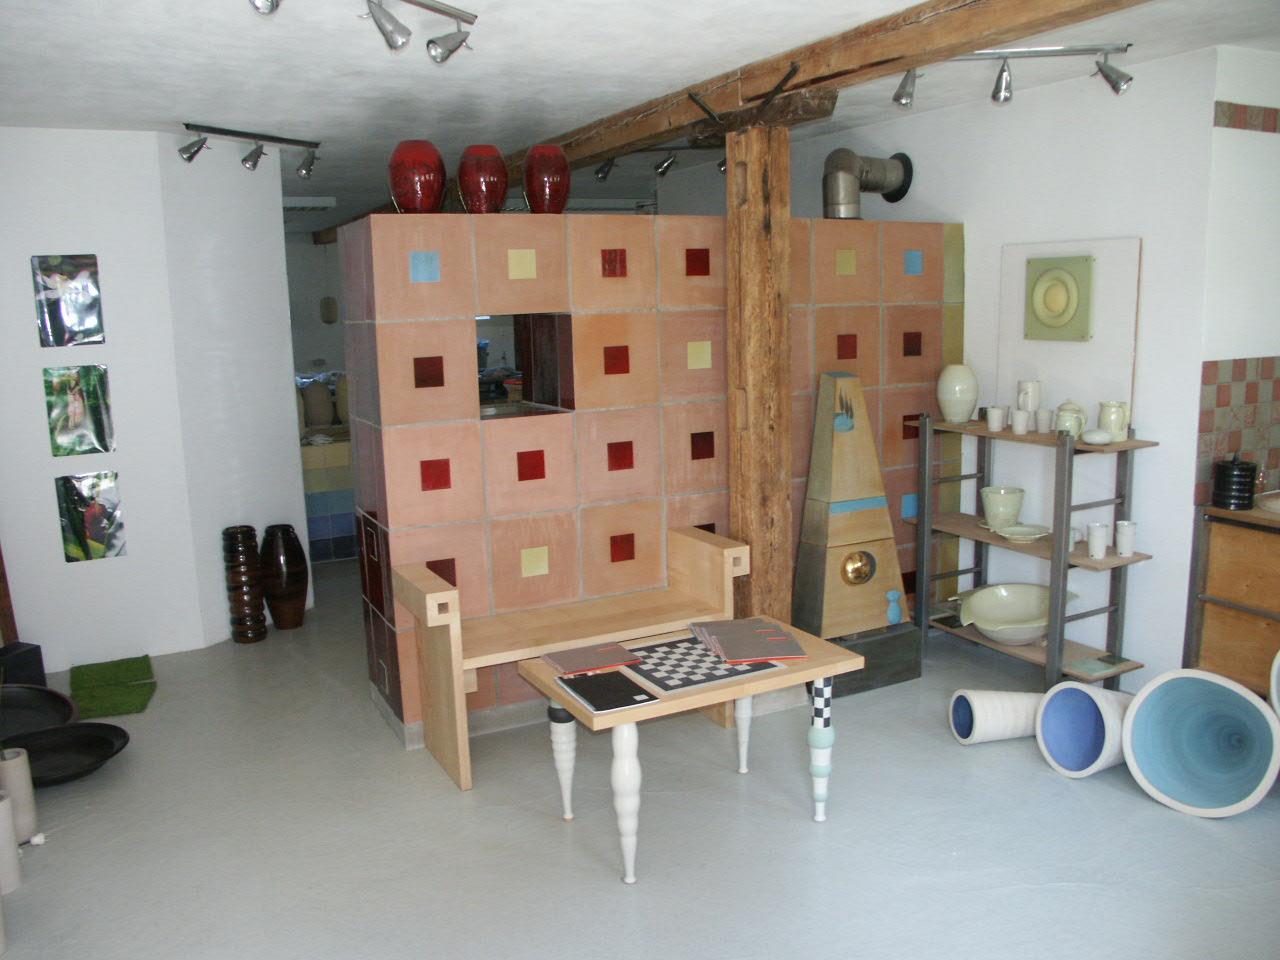 Sitzbank und Schachtisch